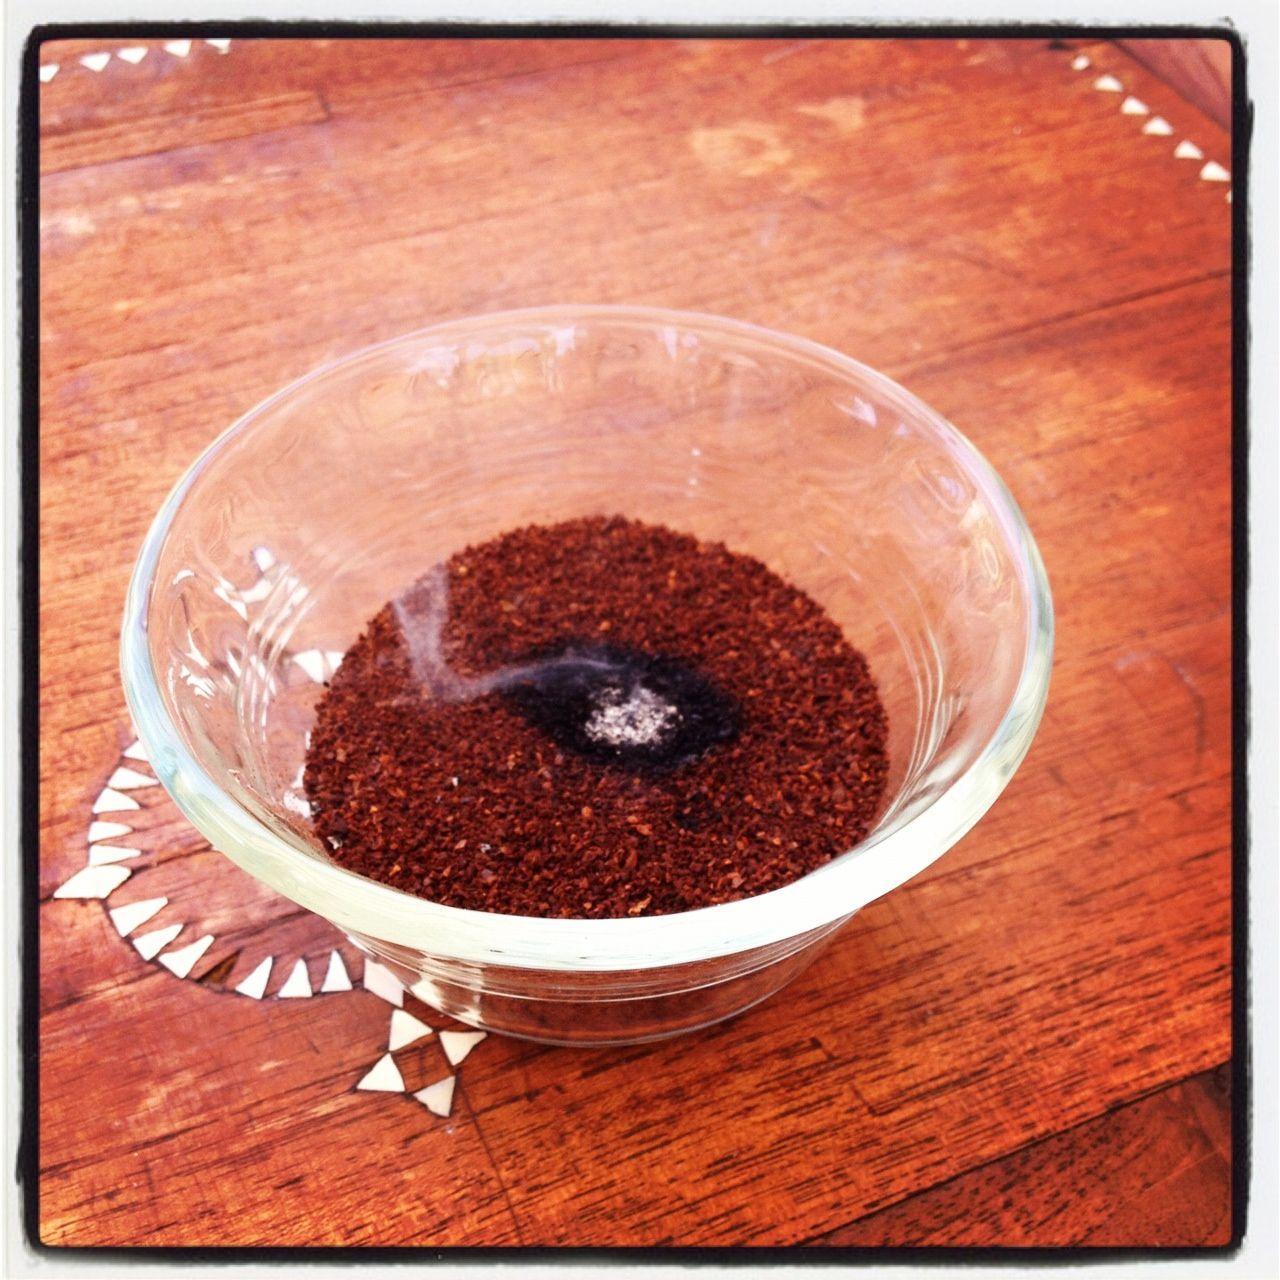 Cách diệt ruồi bằng chén hỗn hợp bột ớt và xà phòng